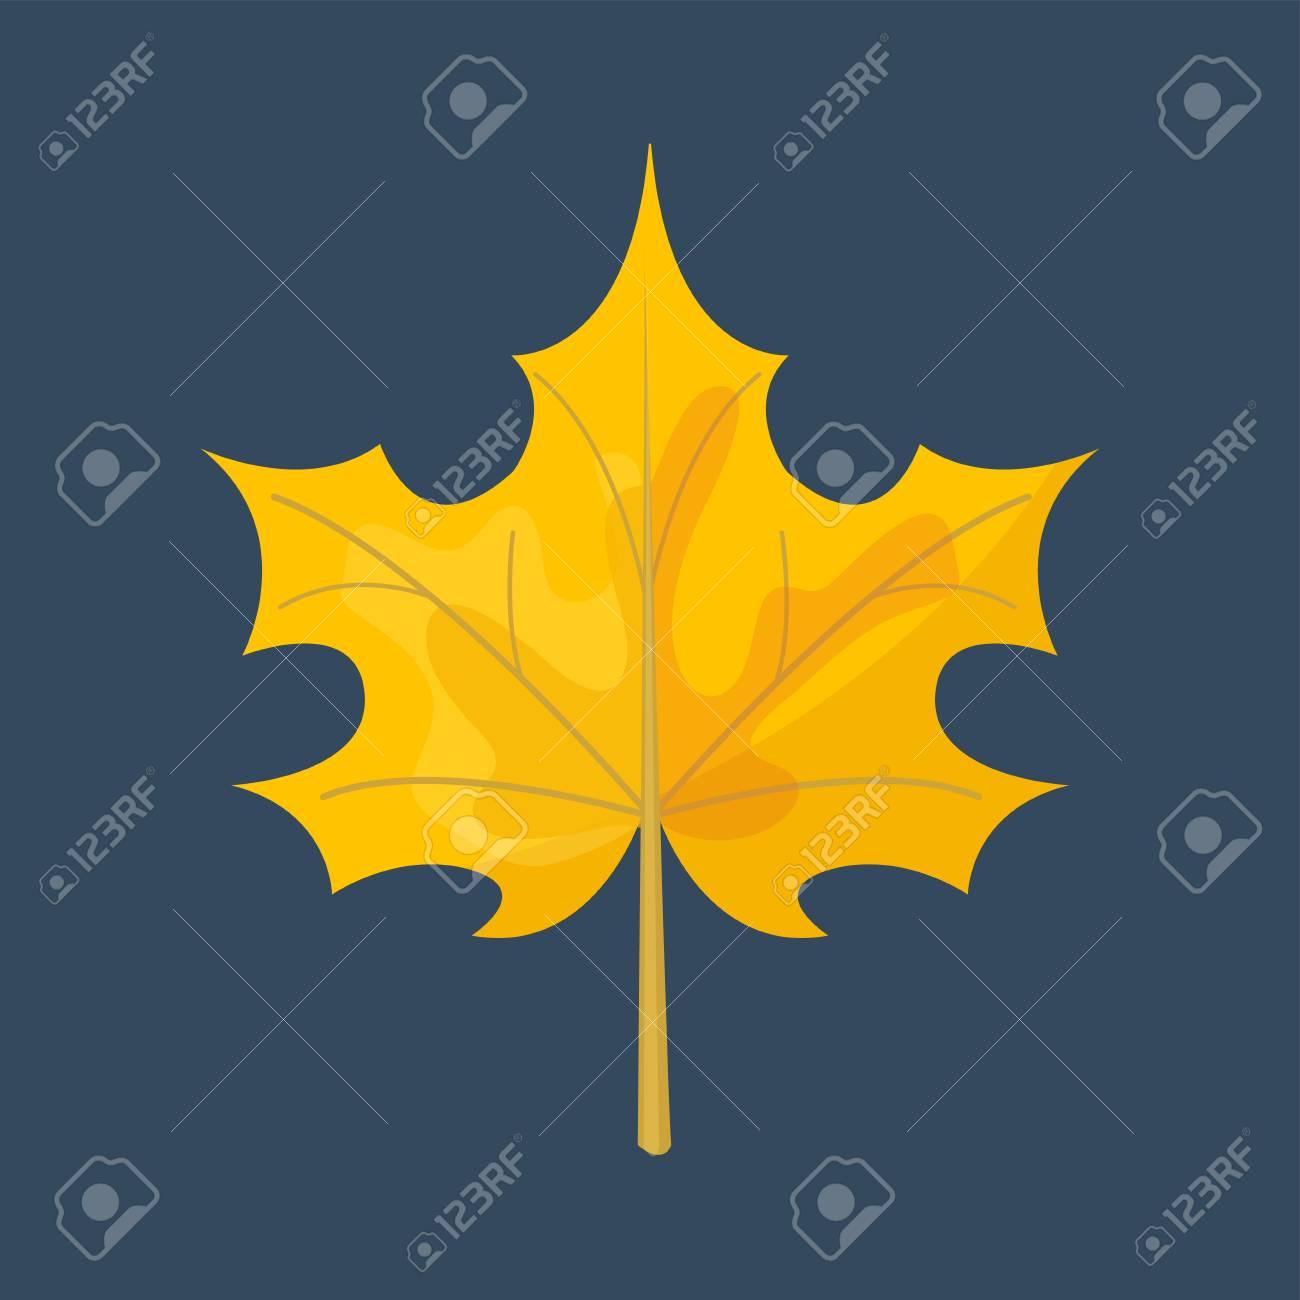 秋の黄色のカエデ葉シーズン自然色植物葉明るい装飾デザイン自然カラフルなフラット ベクトル イラスト 紅葉 11 月工場 のイラスト素材 ベクタ Image